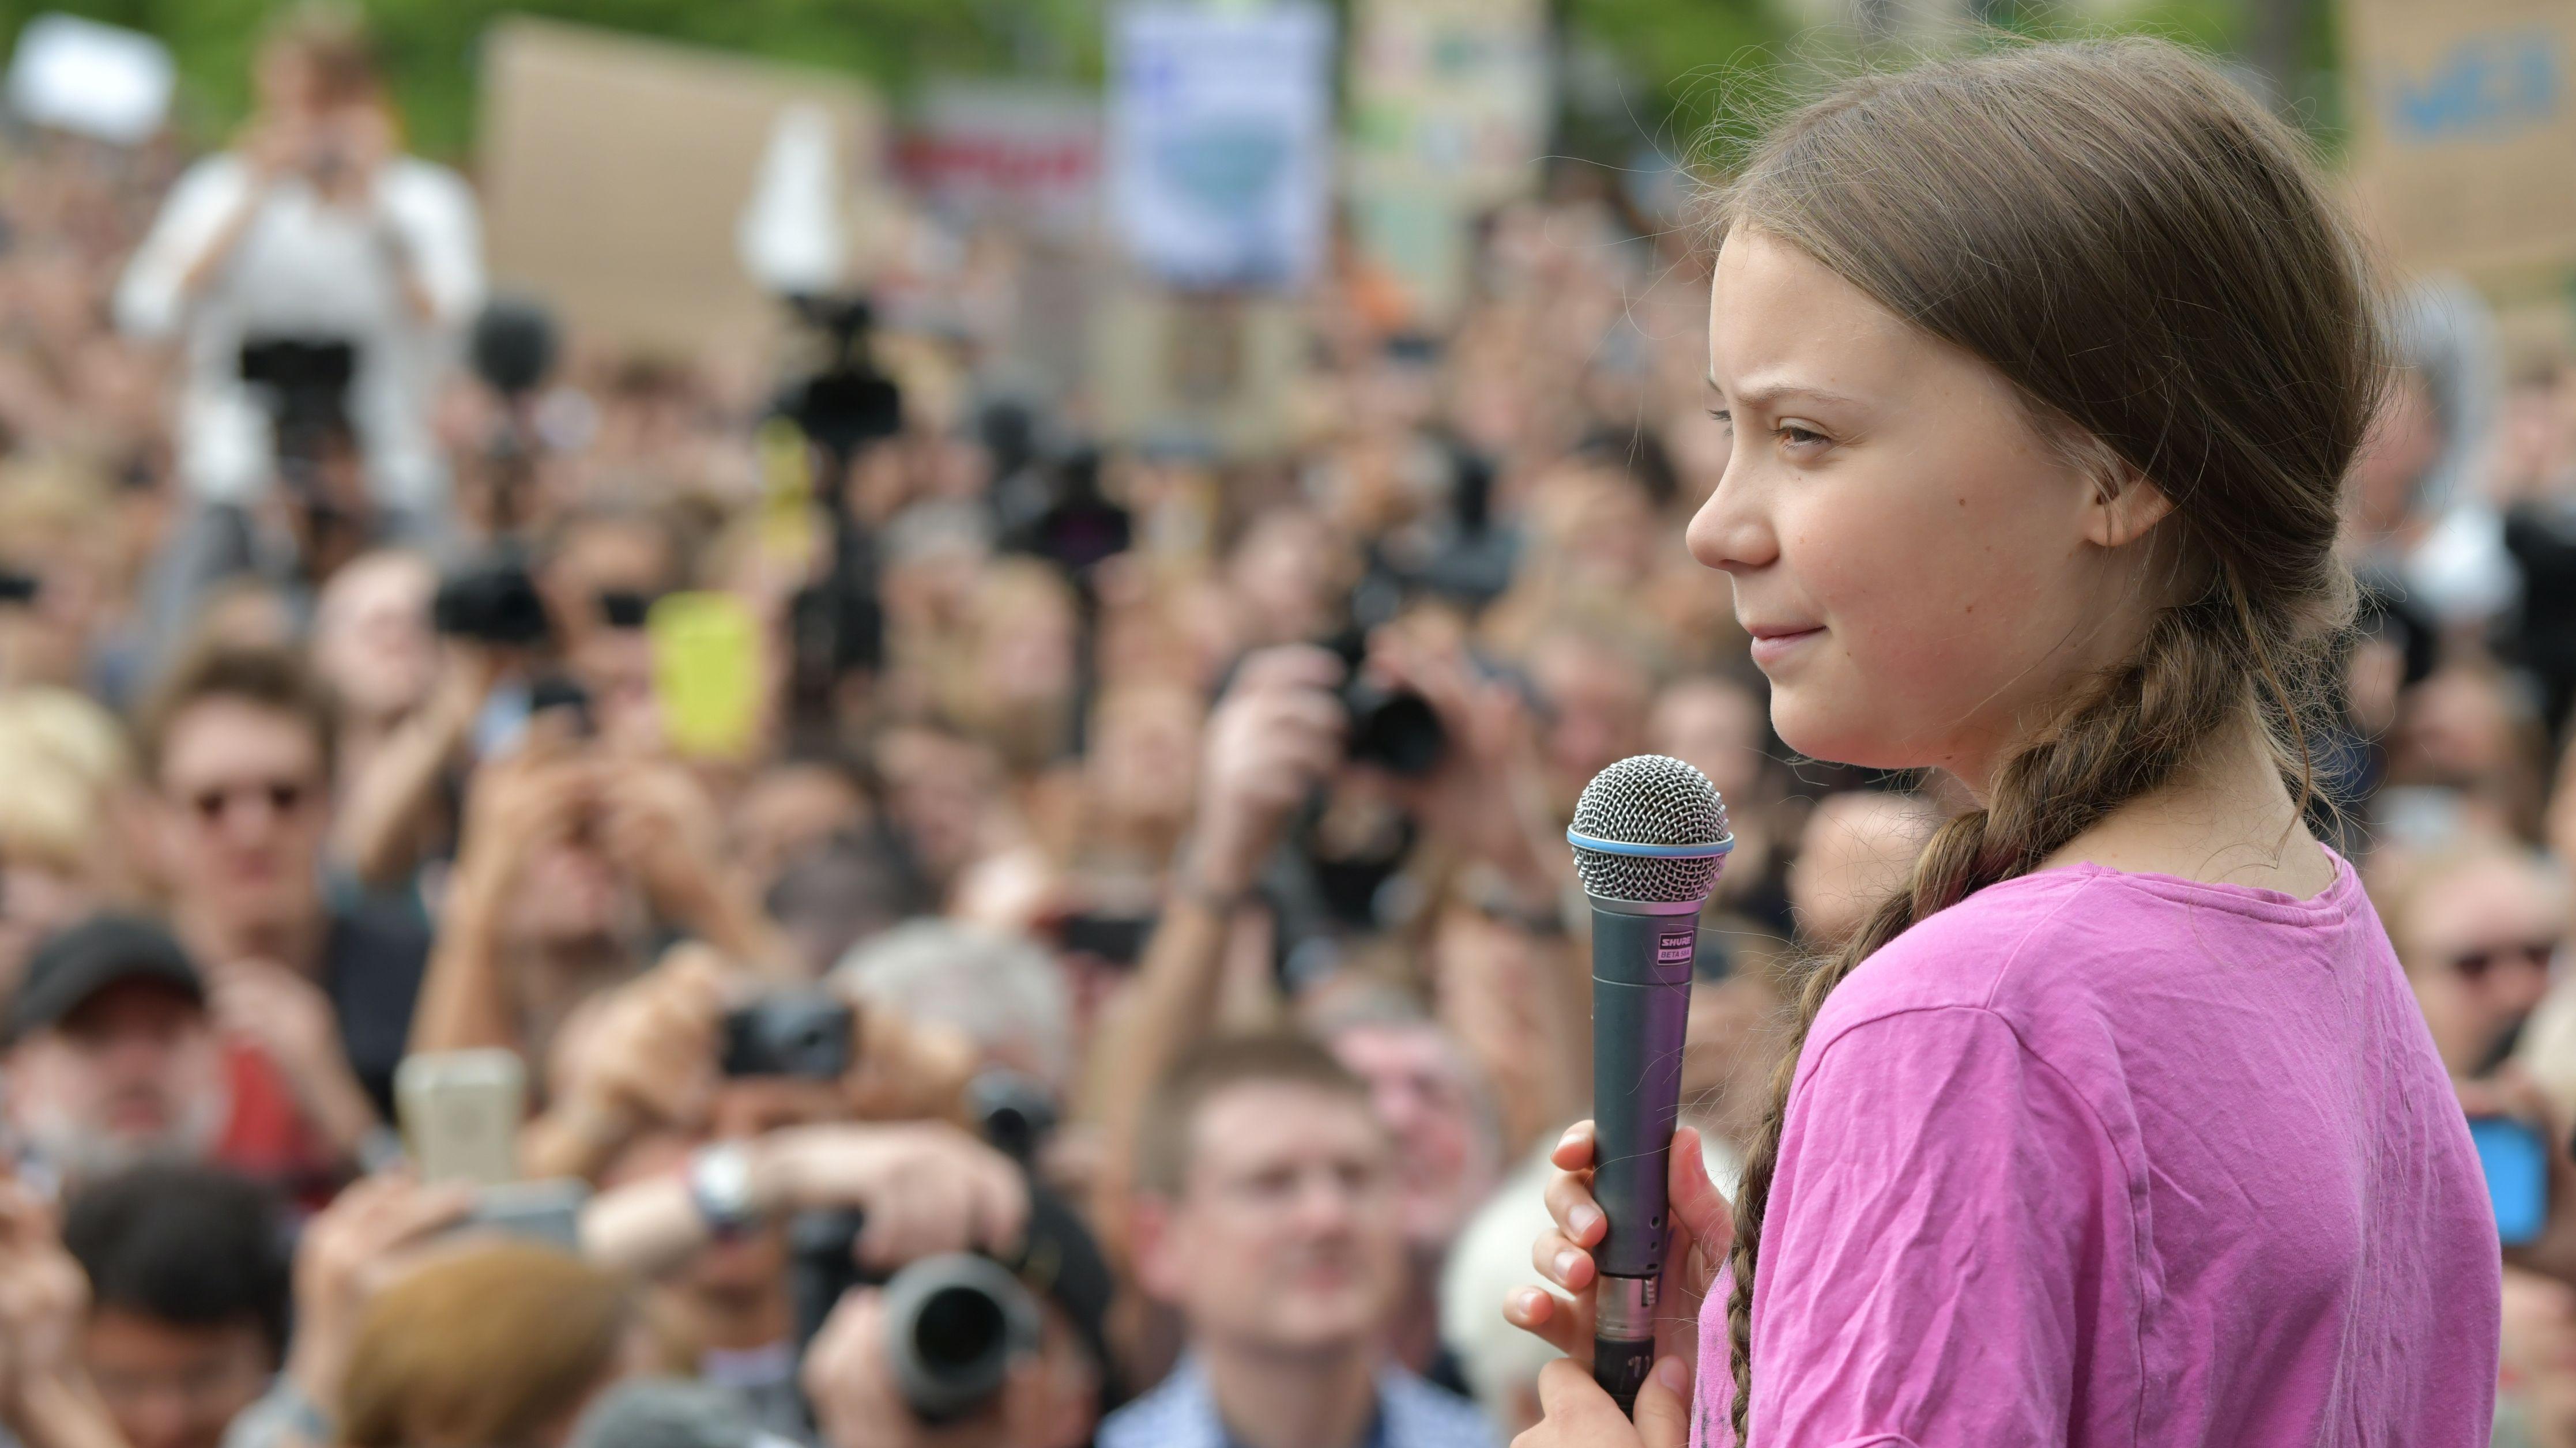 Berlin: Tausende Schüler nehmen zusammen mit der schwedischen Klima-Aktivistin Greta Thunberg an der Fridays for Future Demonstration teil.